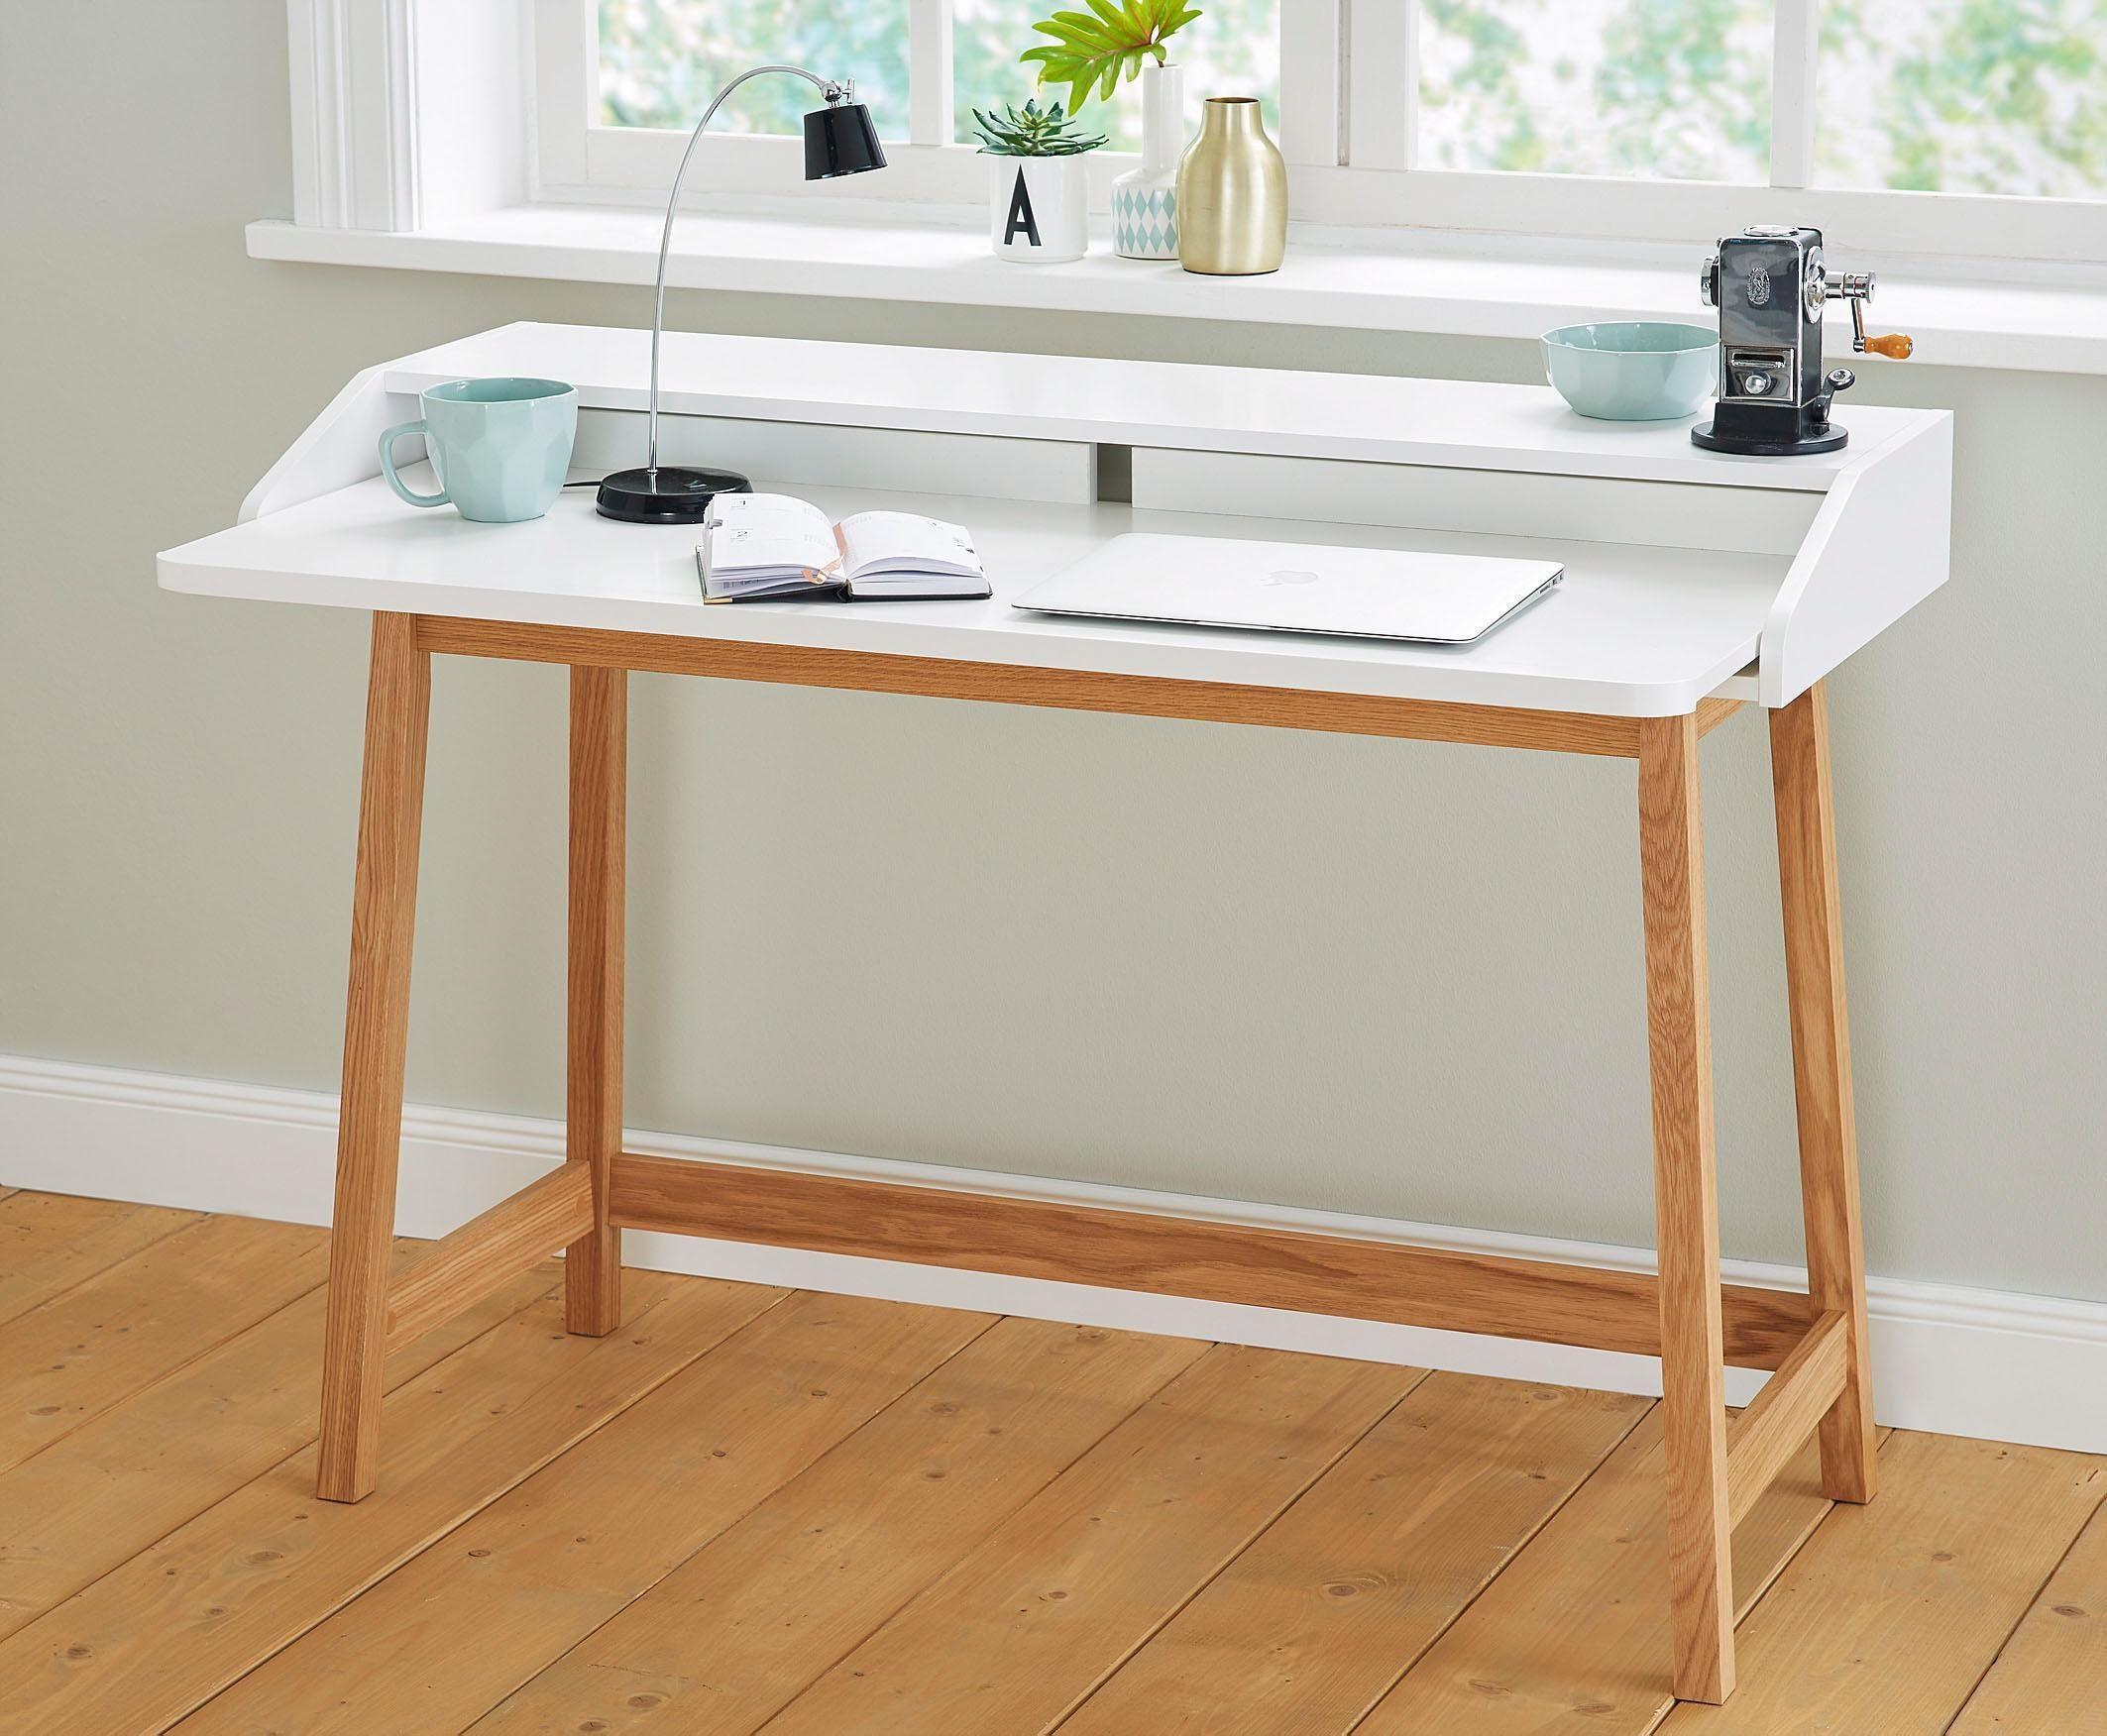 Home affaire Schreibtisch »St.James white«, Breite 115 cm